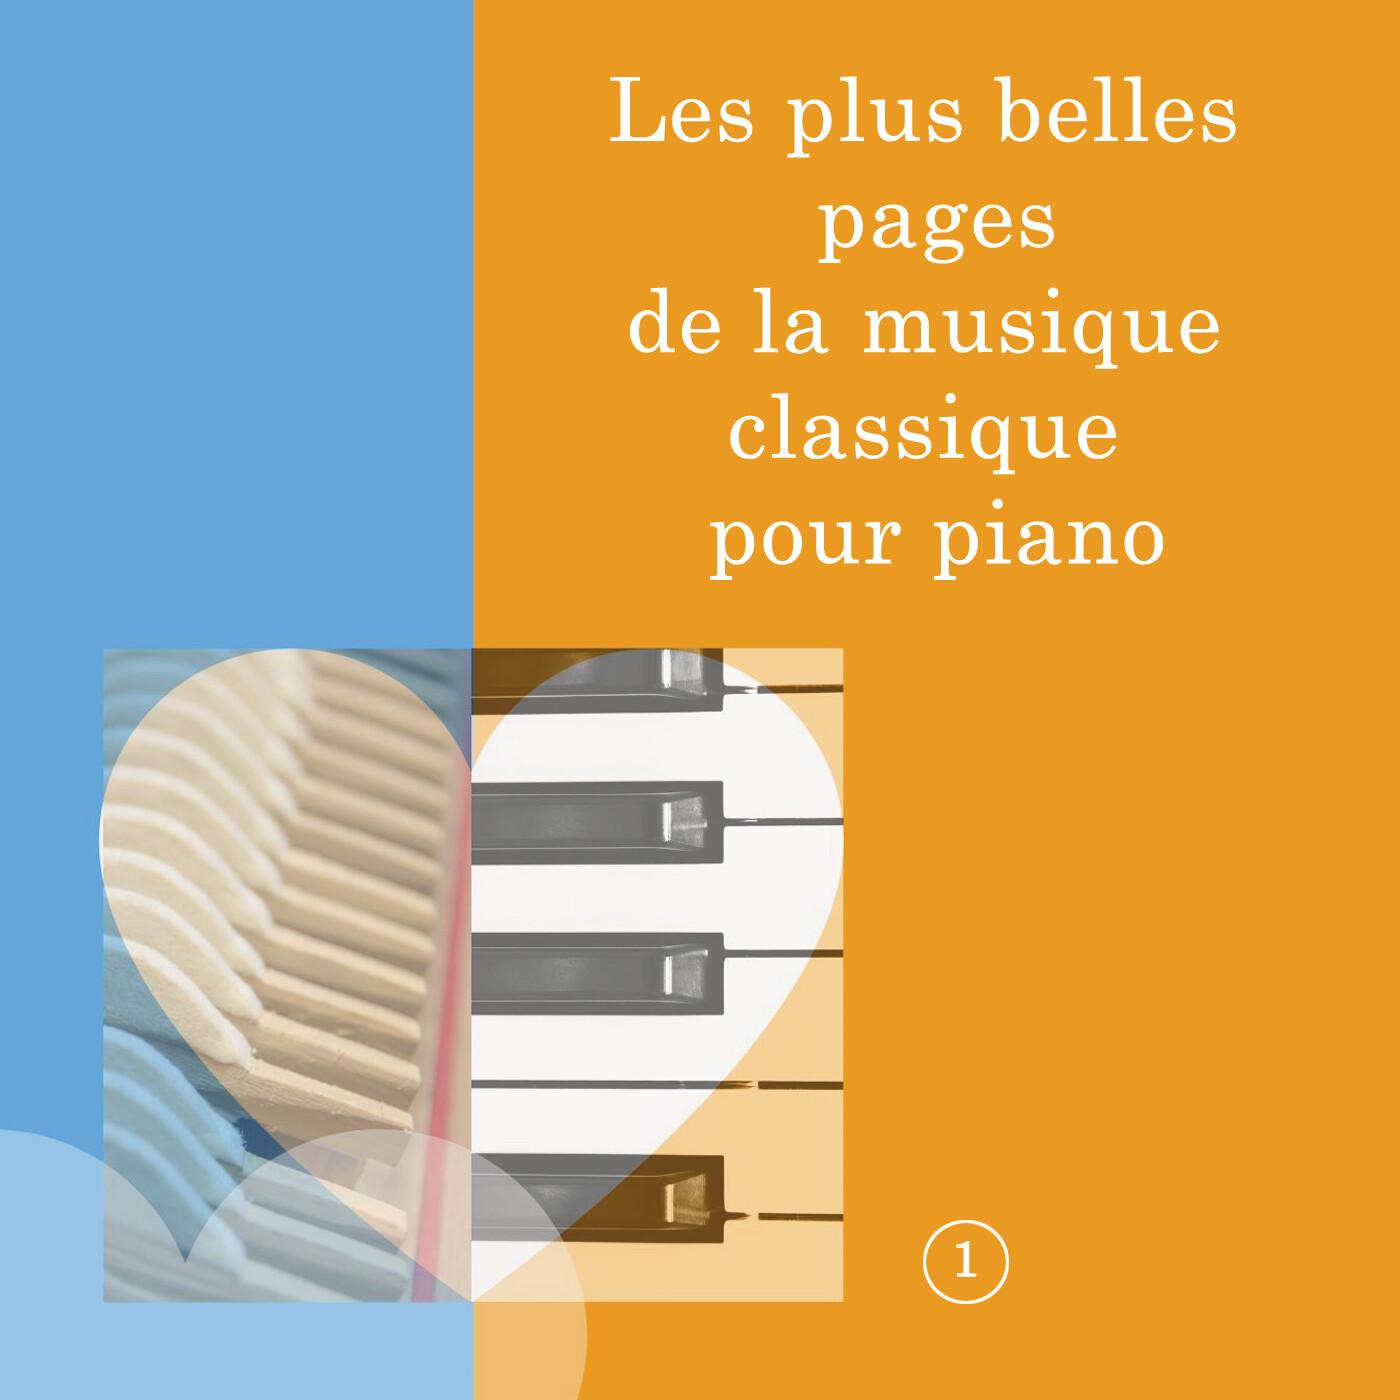 Les plus belles pages de la musique classique pour piano (album)